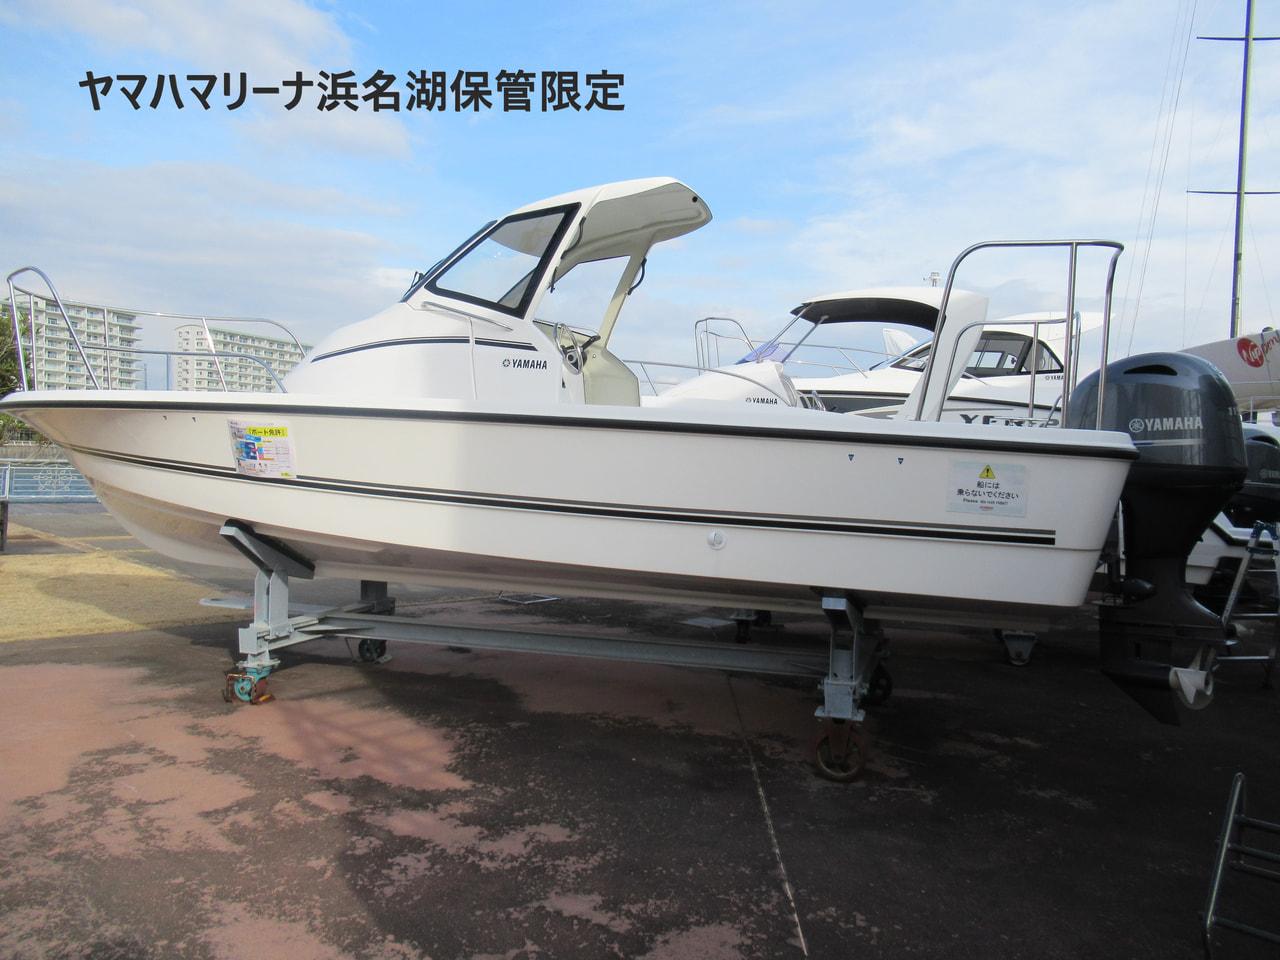 F.A.S.T.23【ヤマハマリーナ浜名湖保管限定】